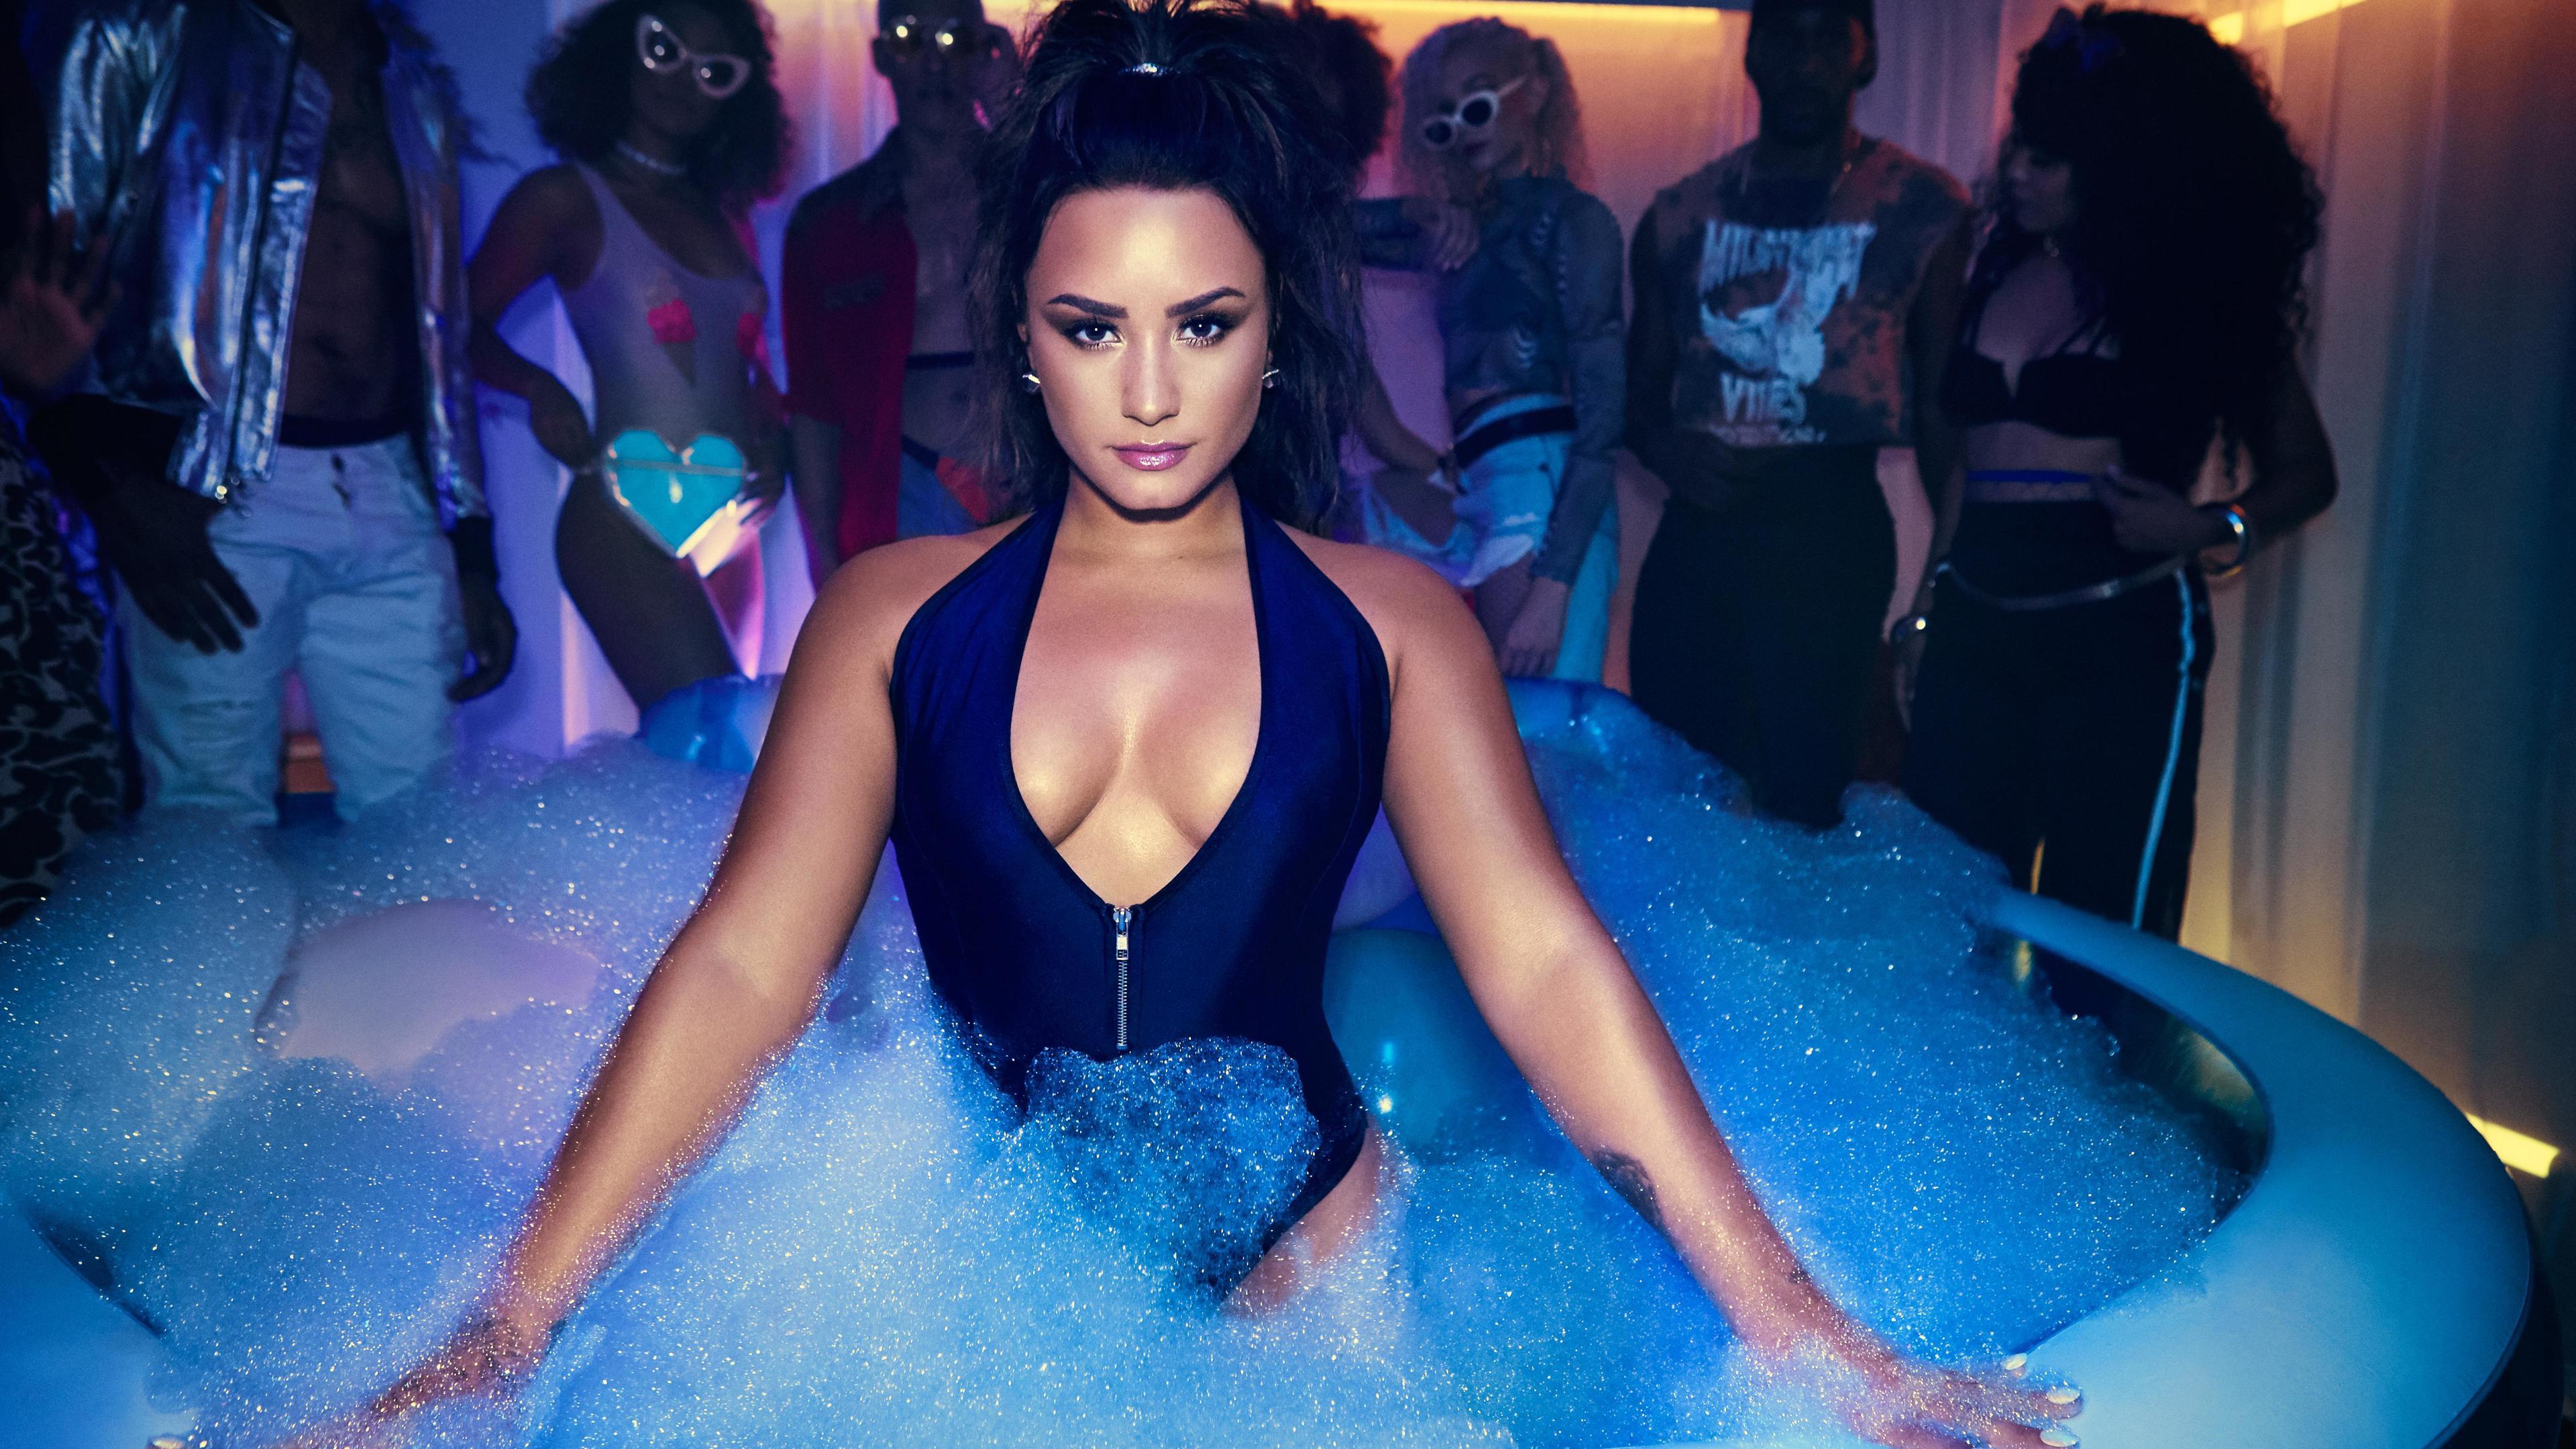 demi lovato 4k 2017 1536859930 - Demi Lovato 4k 2017 - hd-wallpapers, girls wallpapers, demi lovato wallpapers, celebrities wallpapers, actress wallpapers, 4k-wallpapers